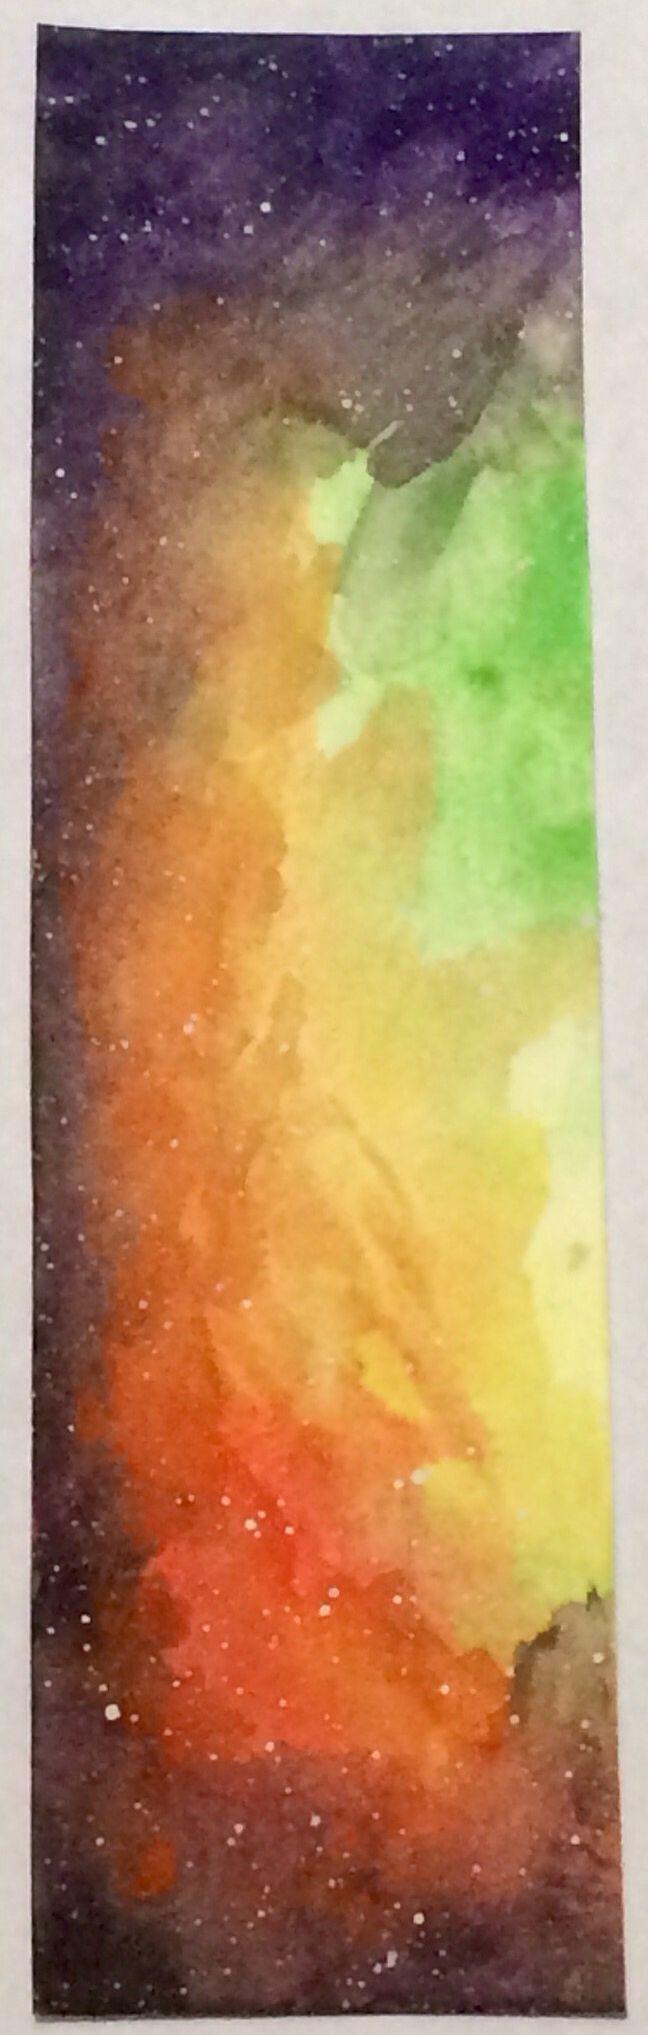 Watercolor bookmark patterns - Watercolor Bookmark Original Artwork Of Nebula Space